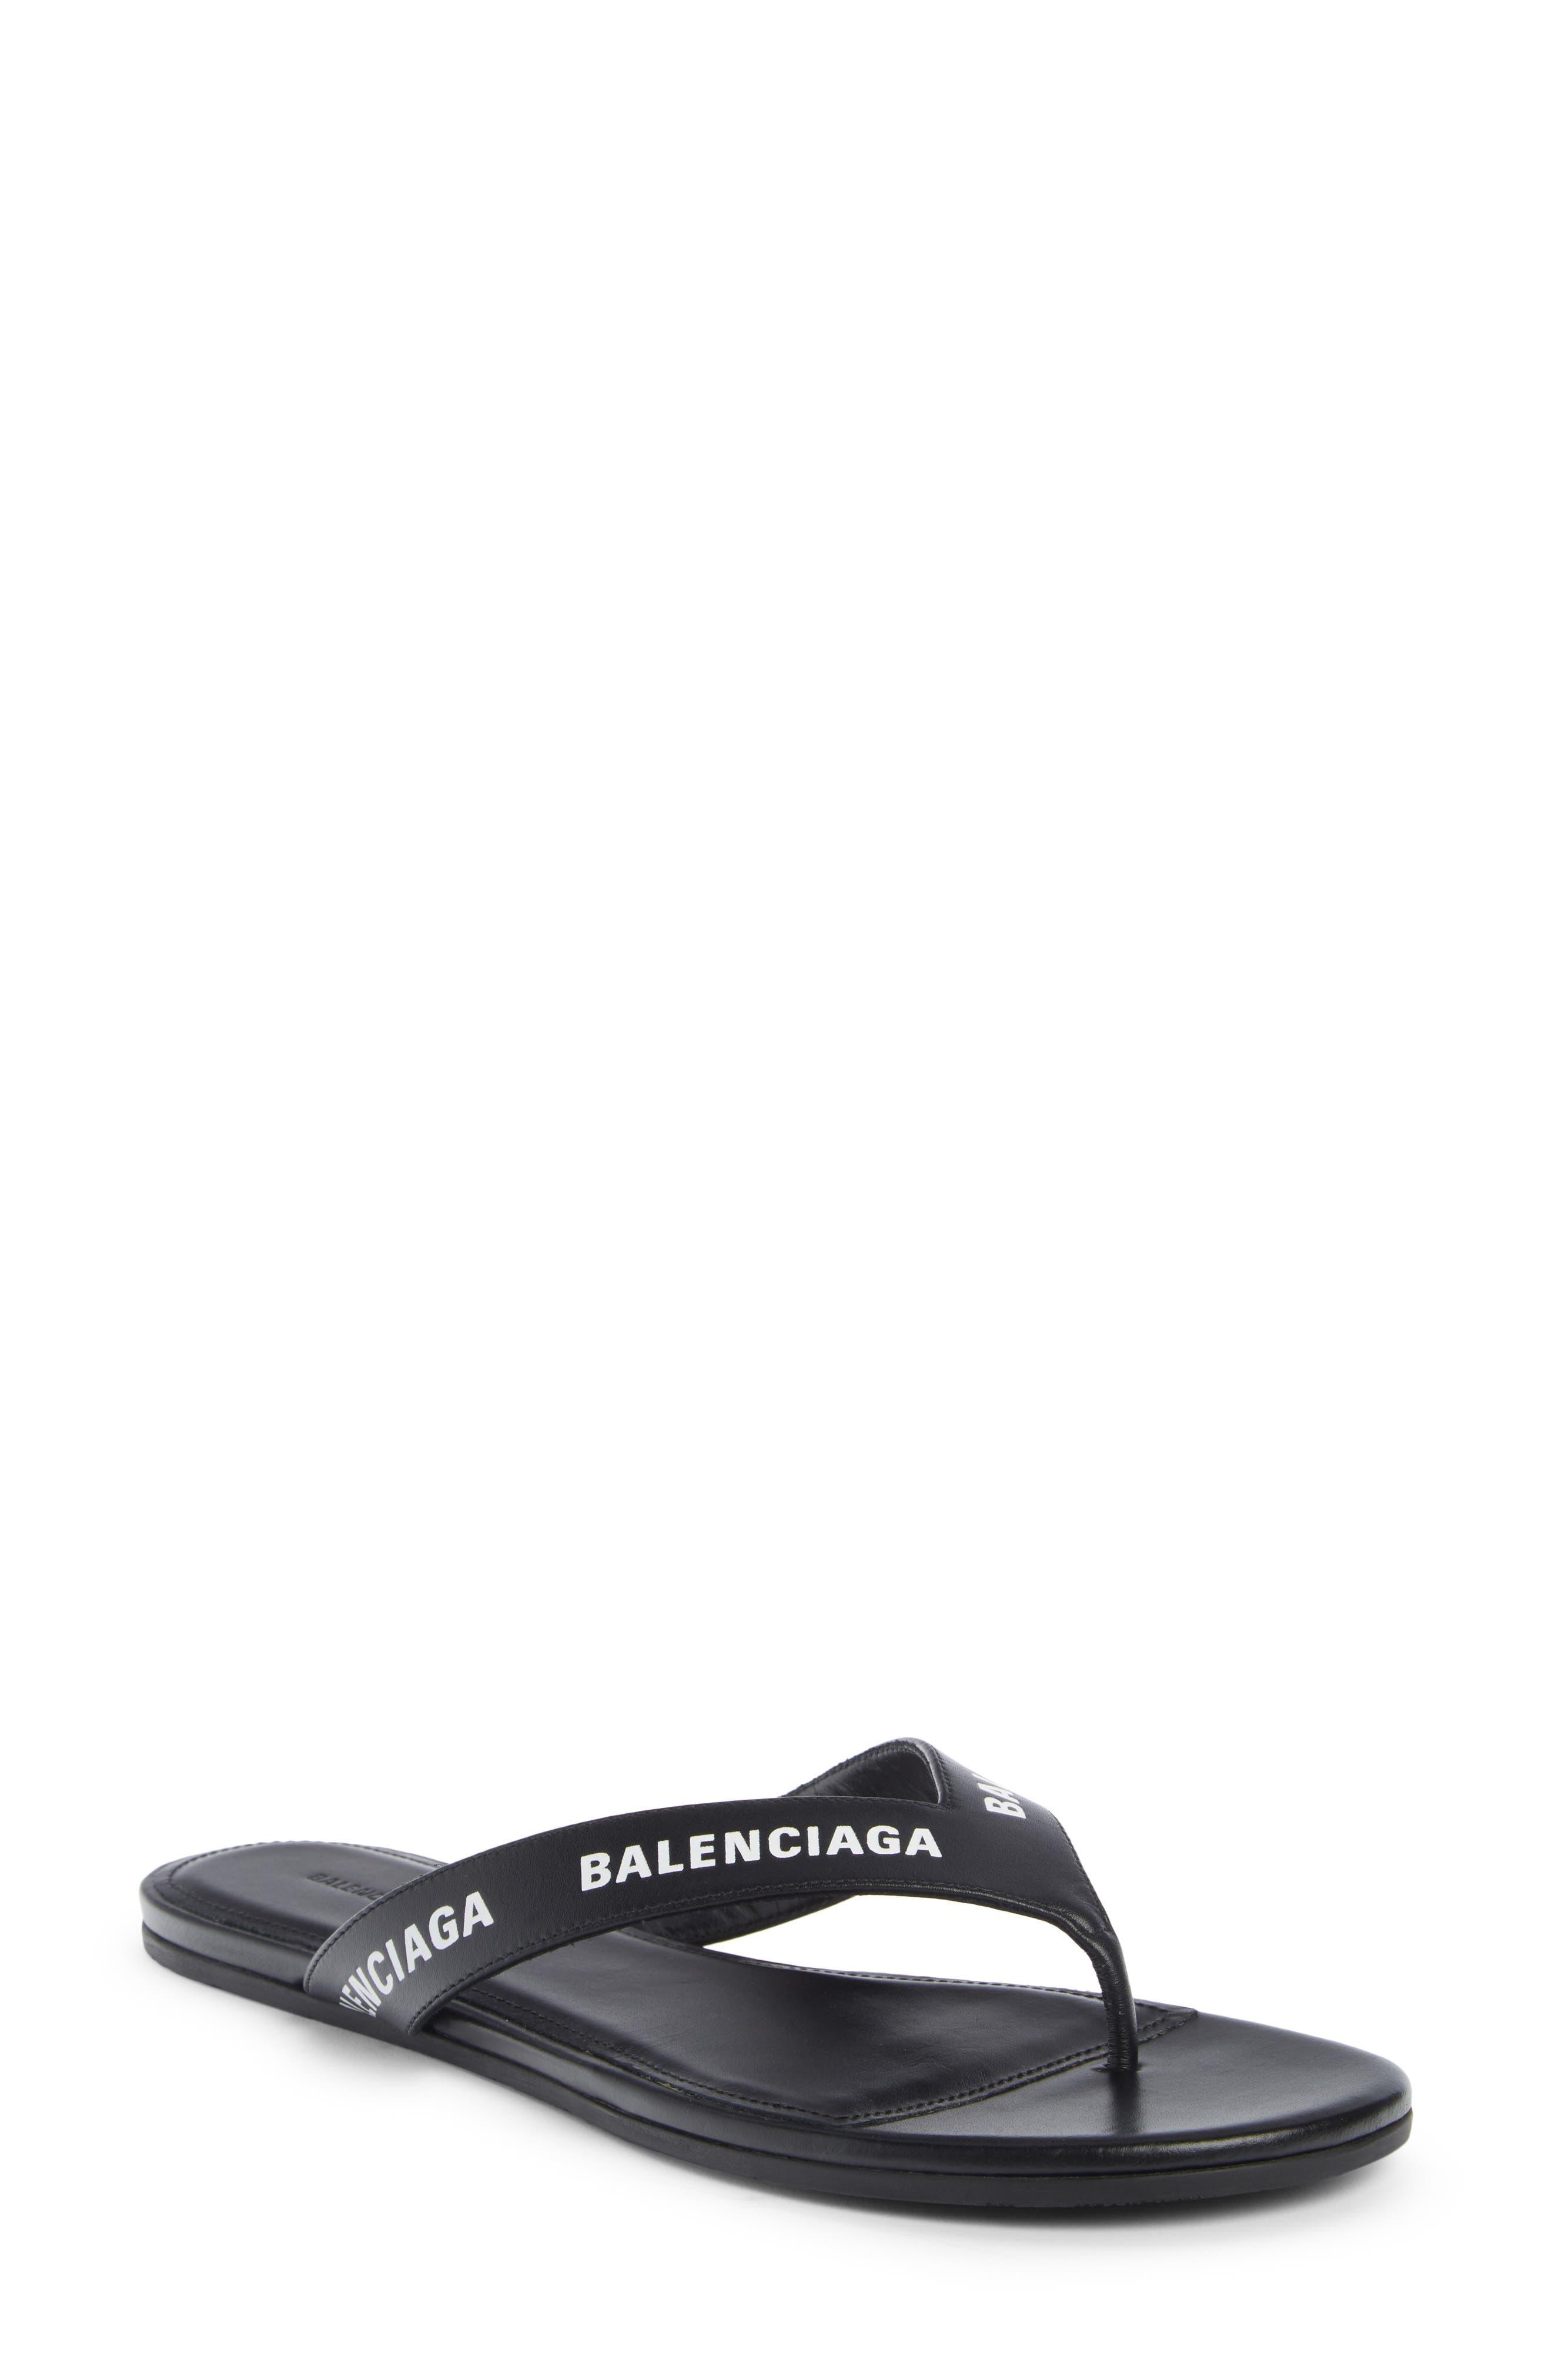 Balenciaga Logo Flip Flop (Women